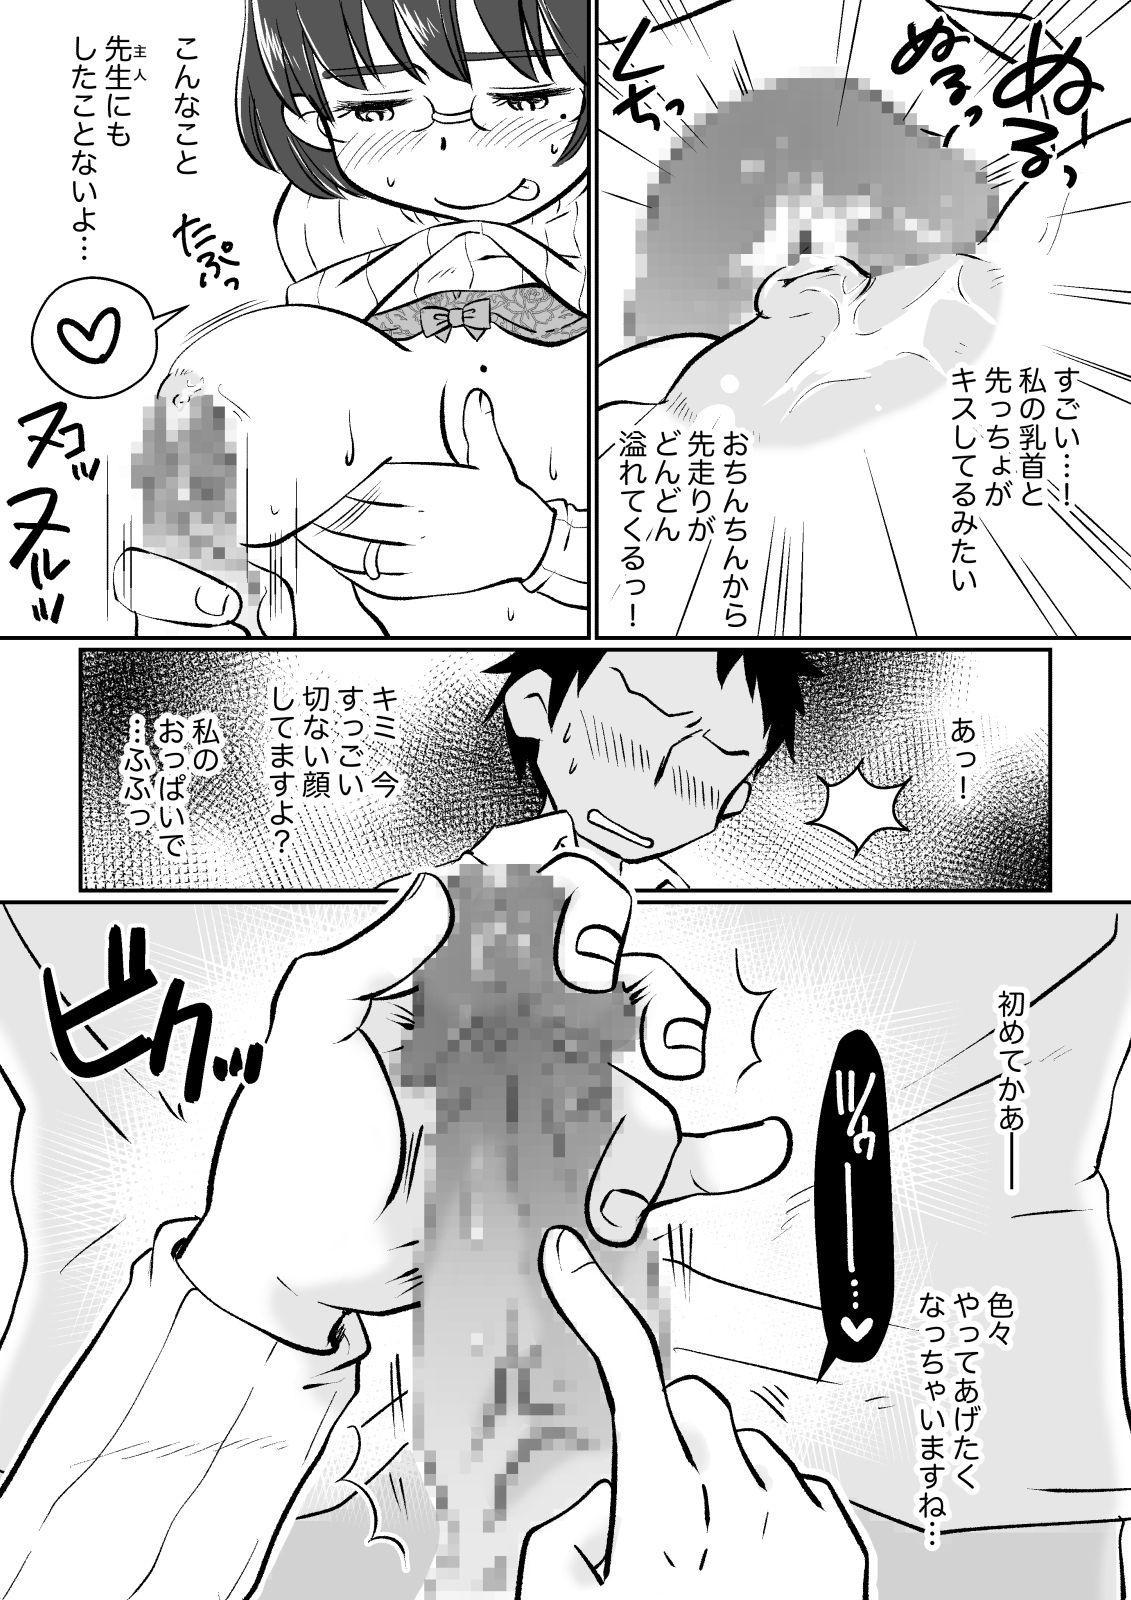 [Megitsune Works] Wakazuma-san wa Yokkyuu Fuman! Akogare no Shisho no Wakazuma-san ga Gakusei Beit no Boku no Fudeoroshi o Shite kuremashita. 35